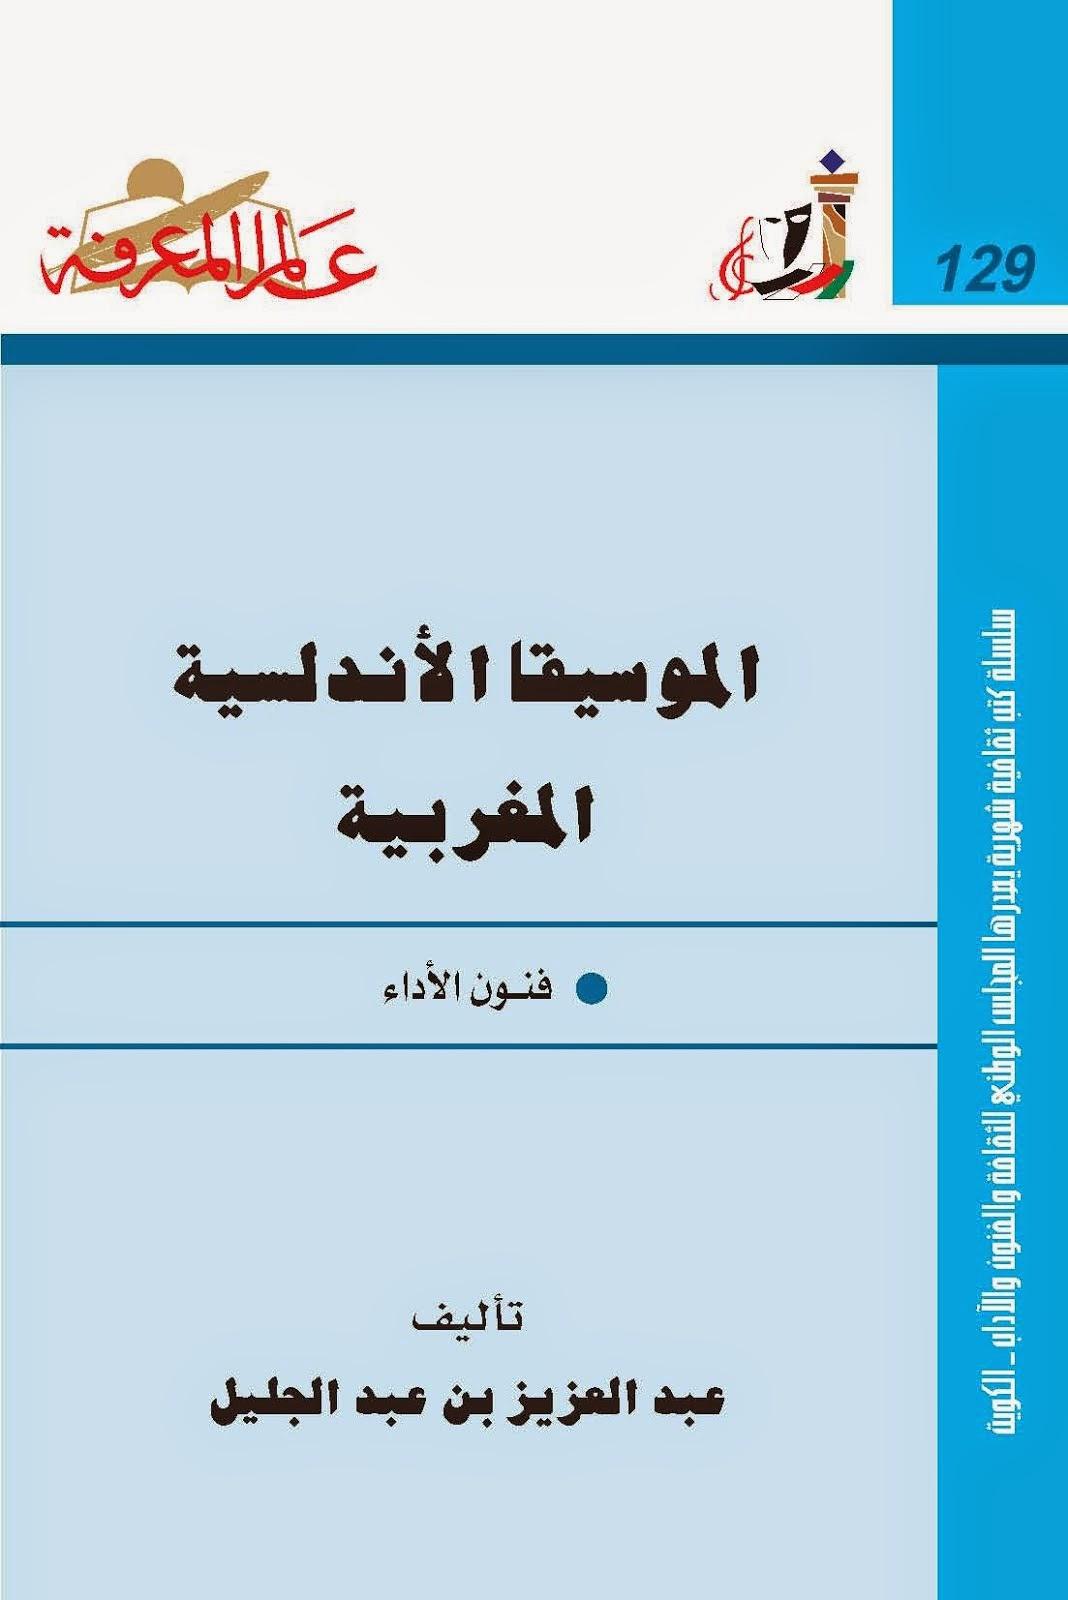 الموسيقا الأندلسية المغربية (فنون الأداء) لـ عبد العزيز بن عبد الجليل